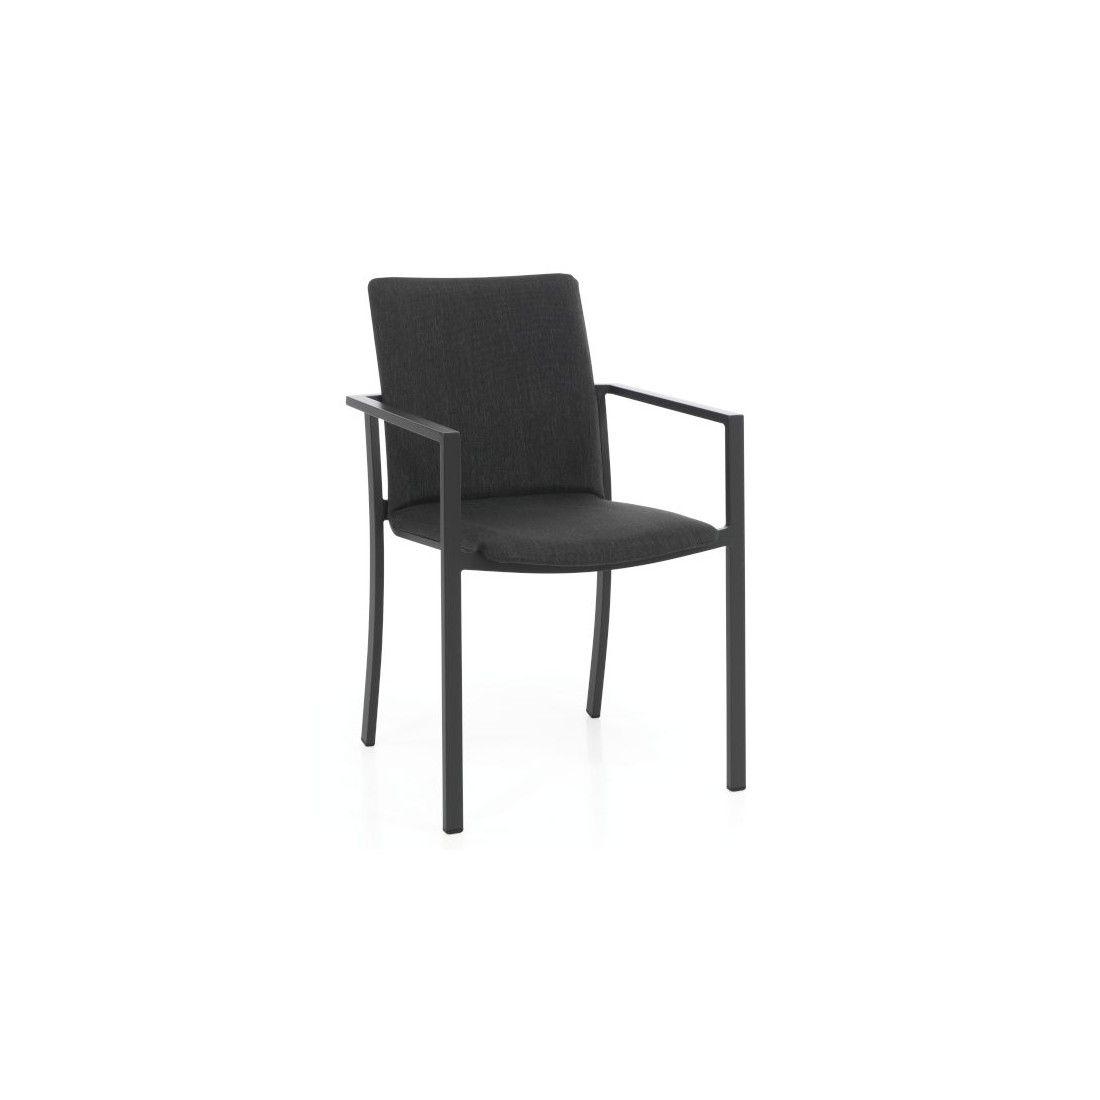 Chaise de jardin empilable en alu mat avec coussin, Toul